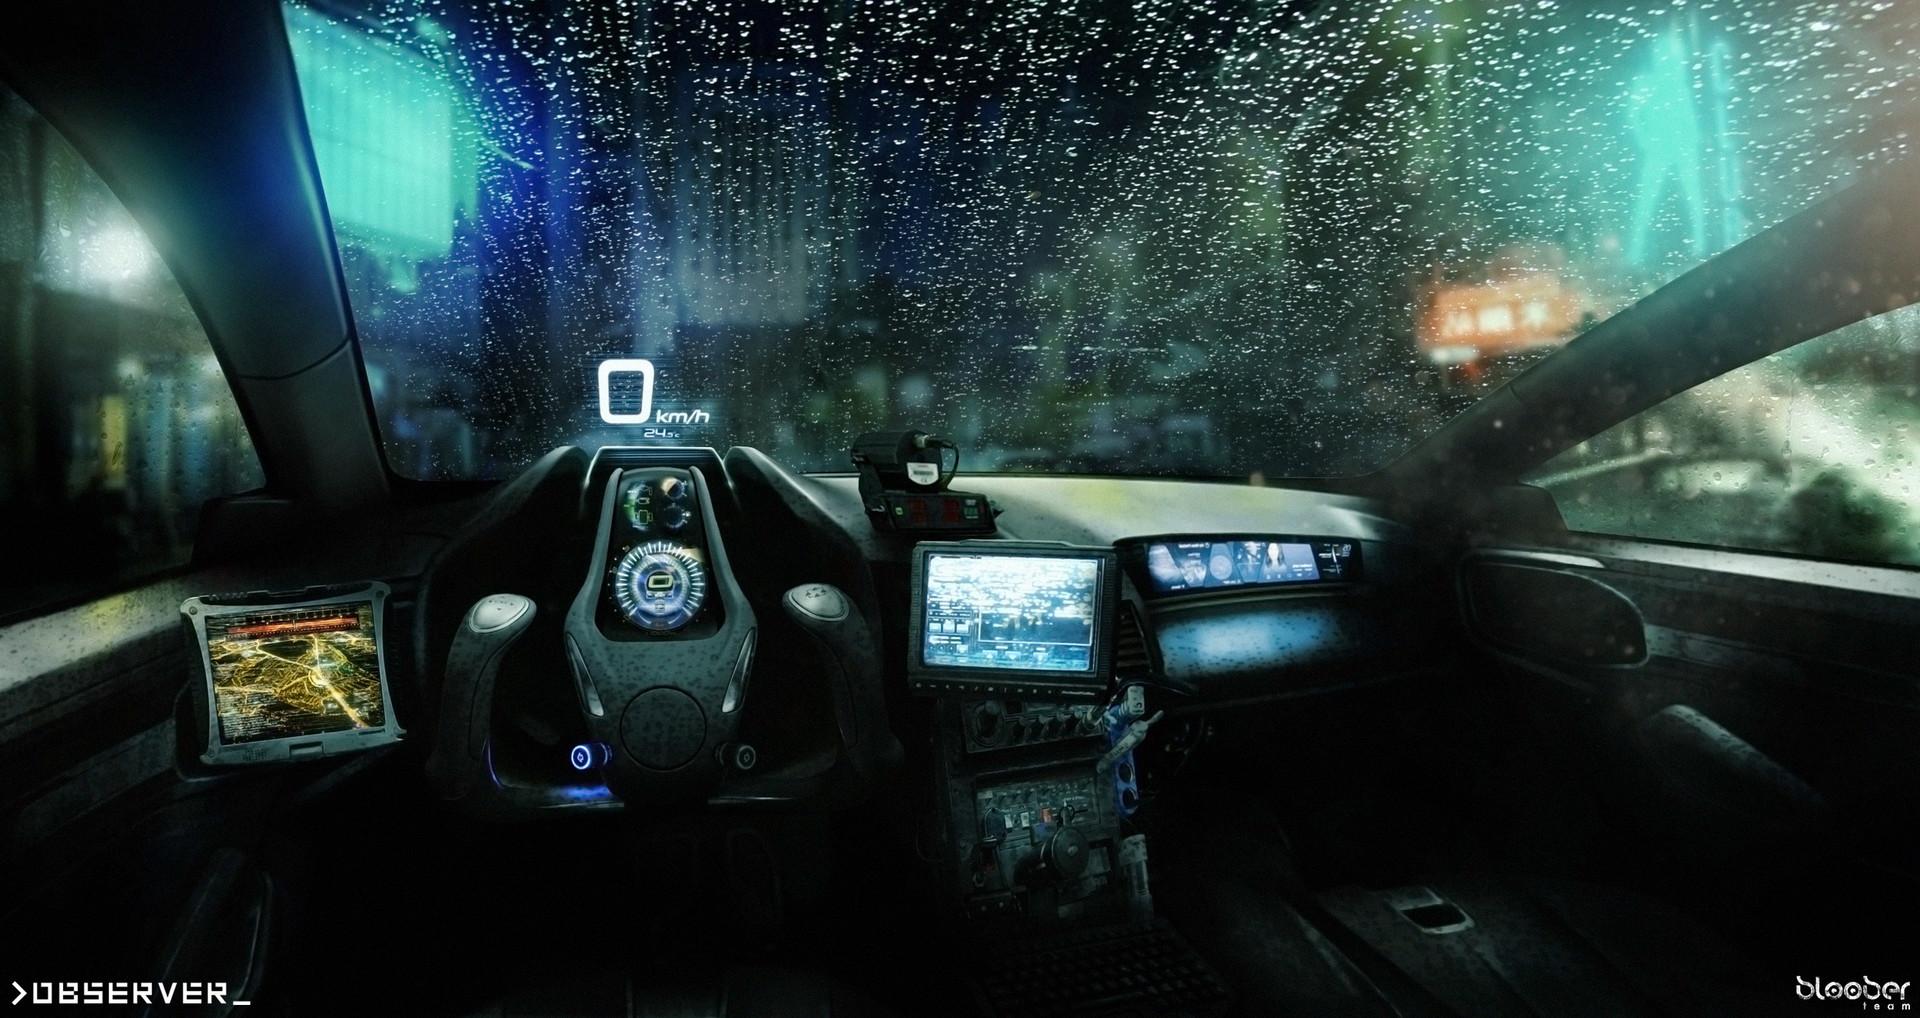 pawel kot police car interior. Black Bedroom Furniture Sets. Home Design Ideas